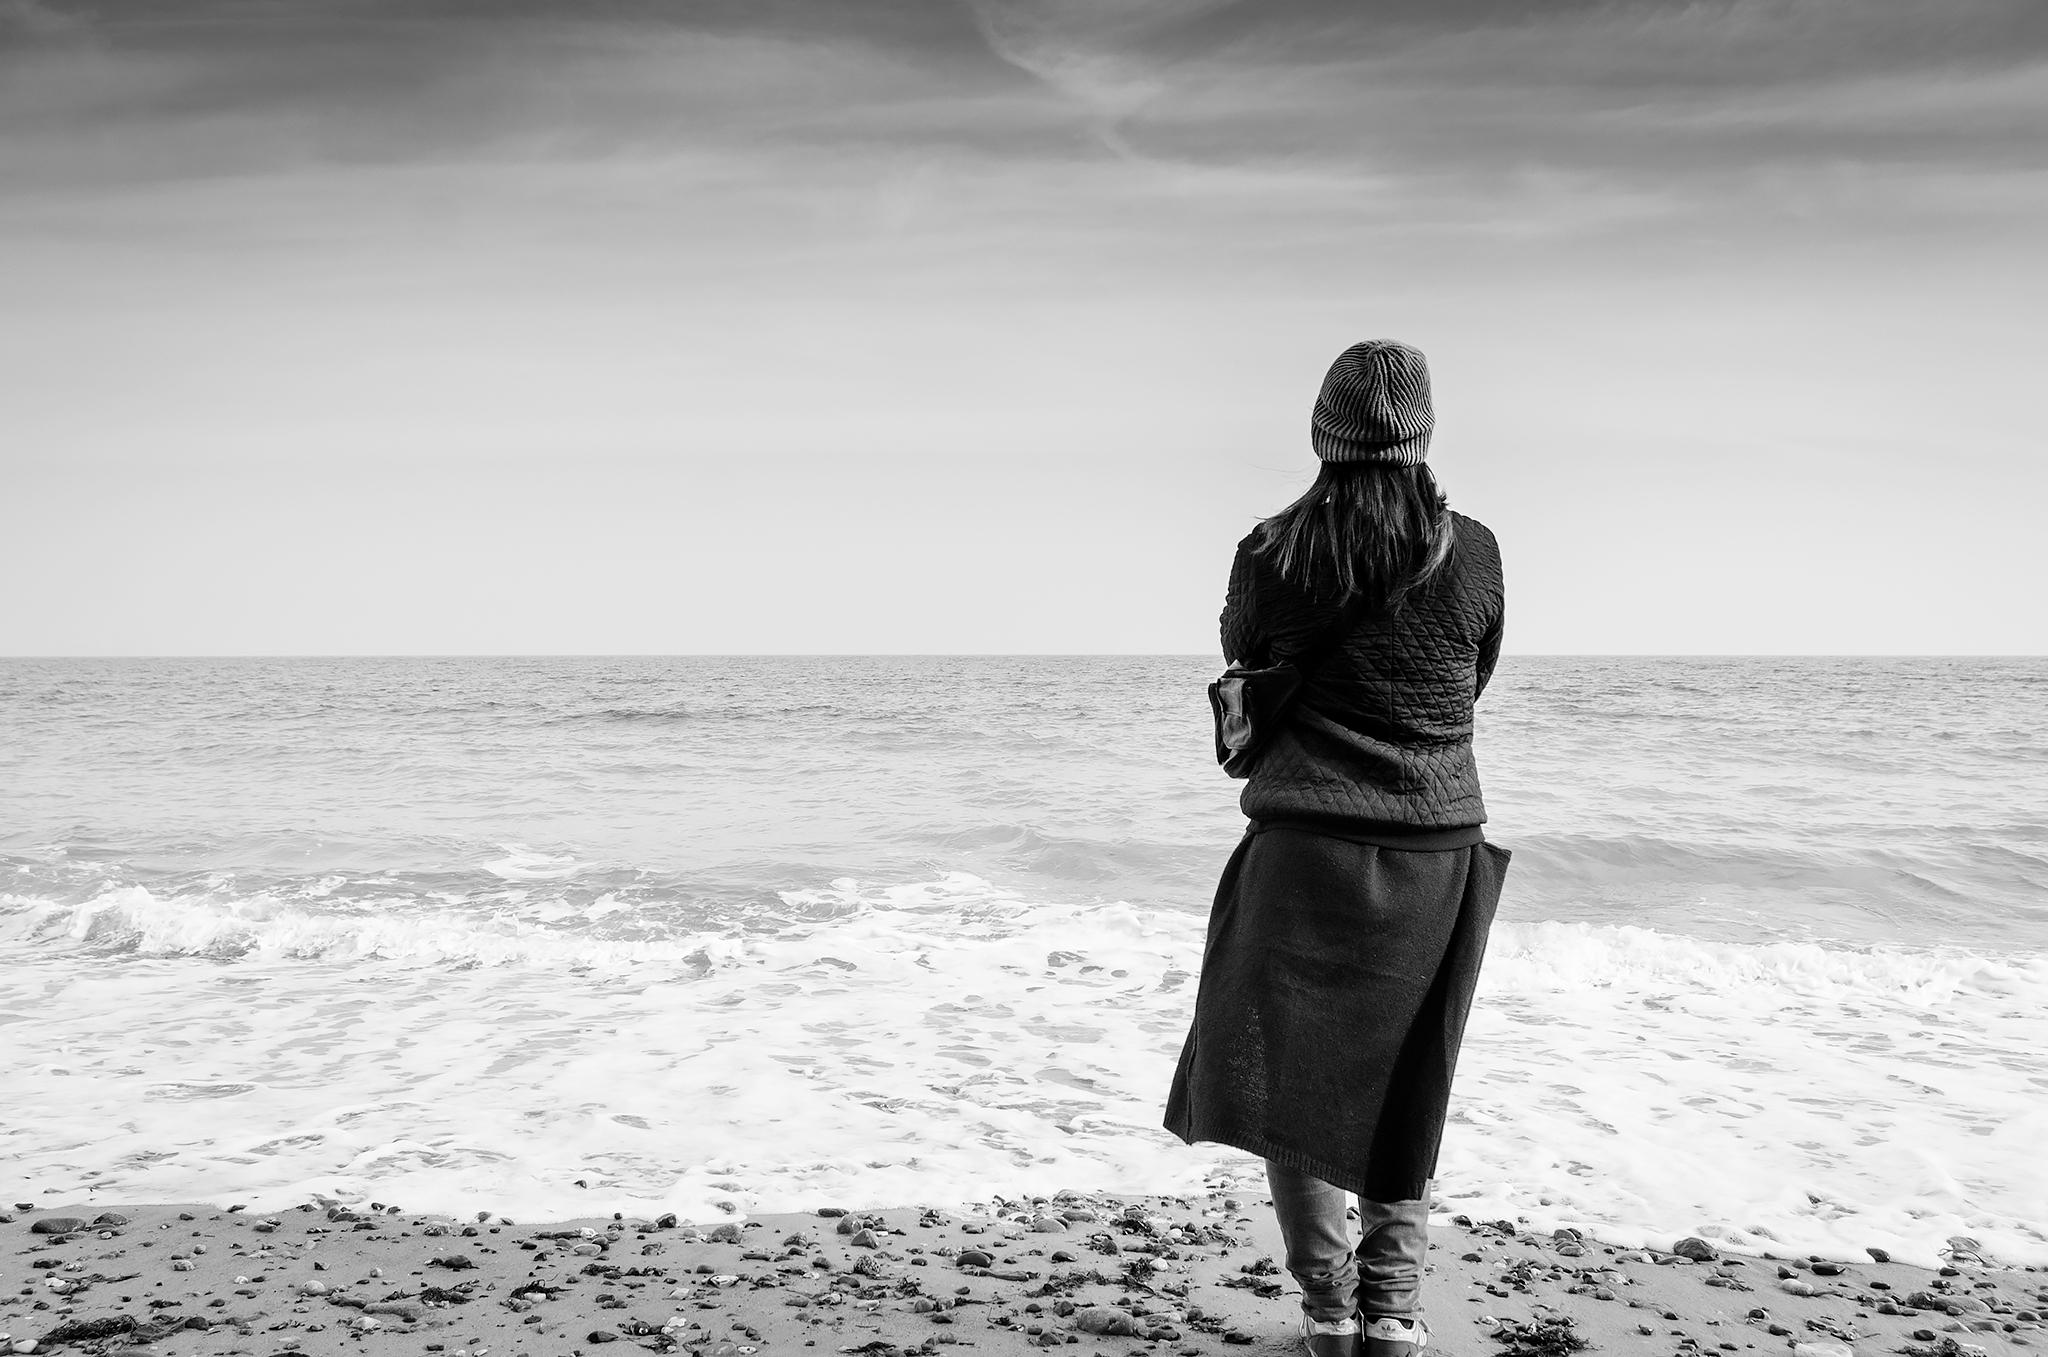 Wyjście przed zupełnie obcych ludzi i opowiadanie o swoich doświadczeniach to duże wyzwanie dla chorych na schizofrenię (fot. Mizrak / http://bit.ly/1BhO12U / CC BY / http://bit.ly/1BhO12U)